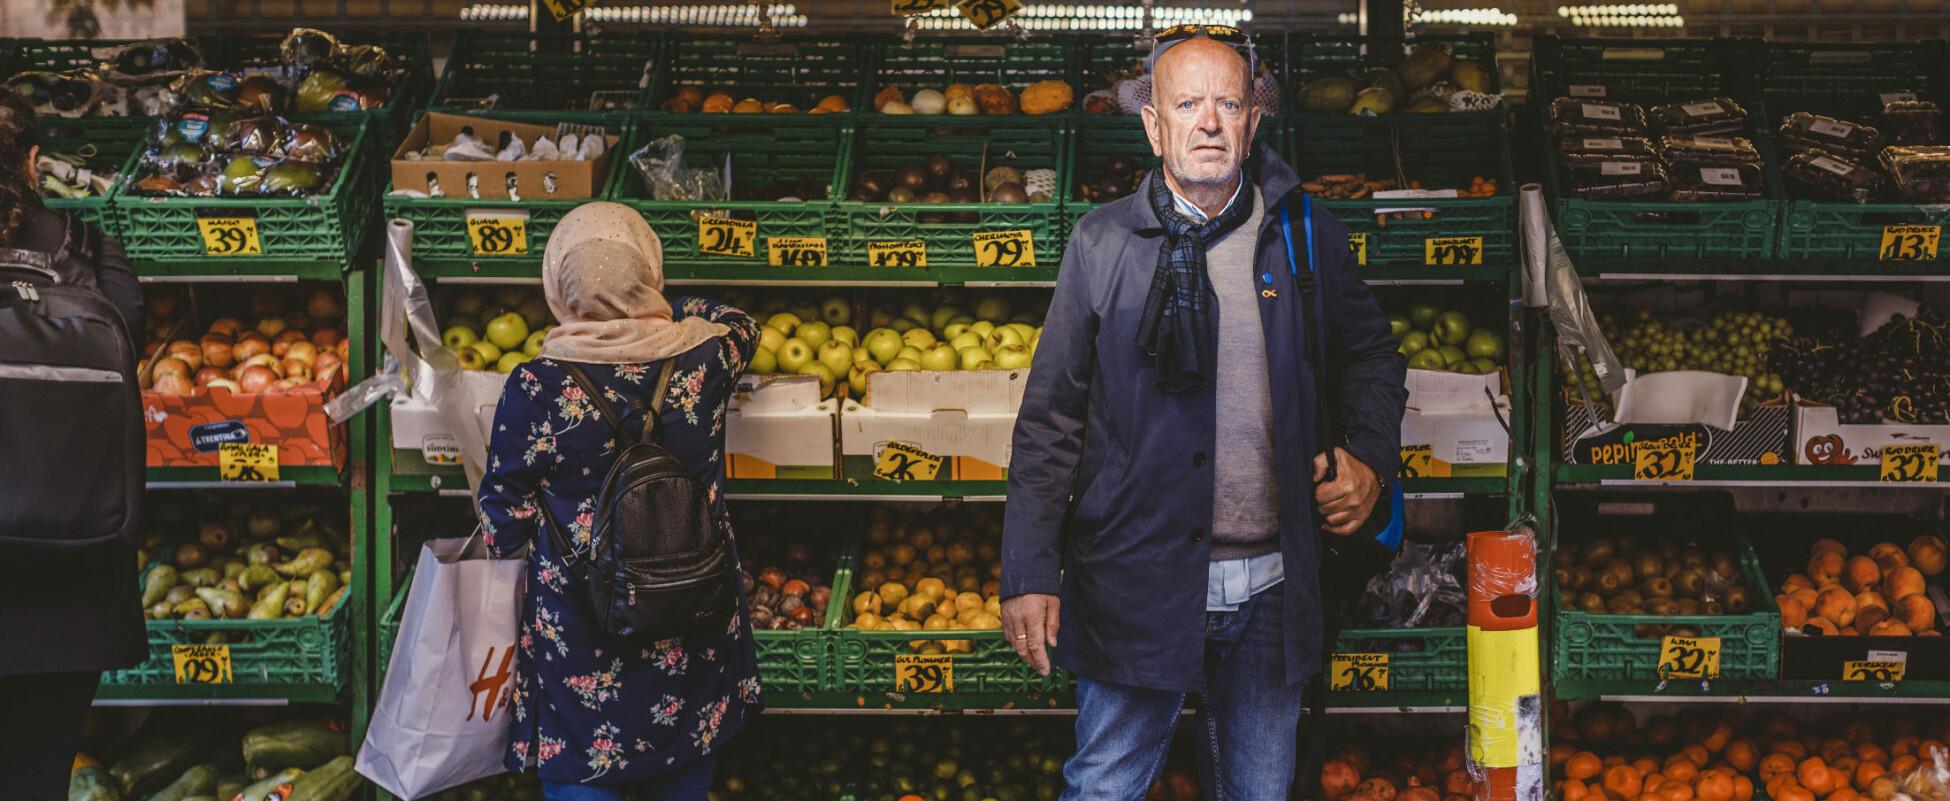 Ole Vikre kjemper for å få erstatning for psykiske sider han mener å ha pådratt seg etter oppdrag i Libanon. Her er han på miljøtrening på Grønland i Oslo. Han er meget ukomfortabel i denne type omgivelser. Foto: Krister Sørbø, Forsvarets Forum